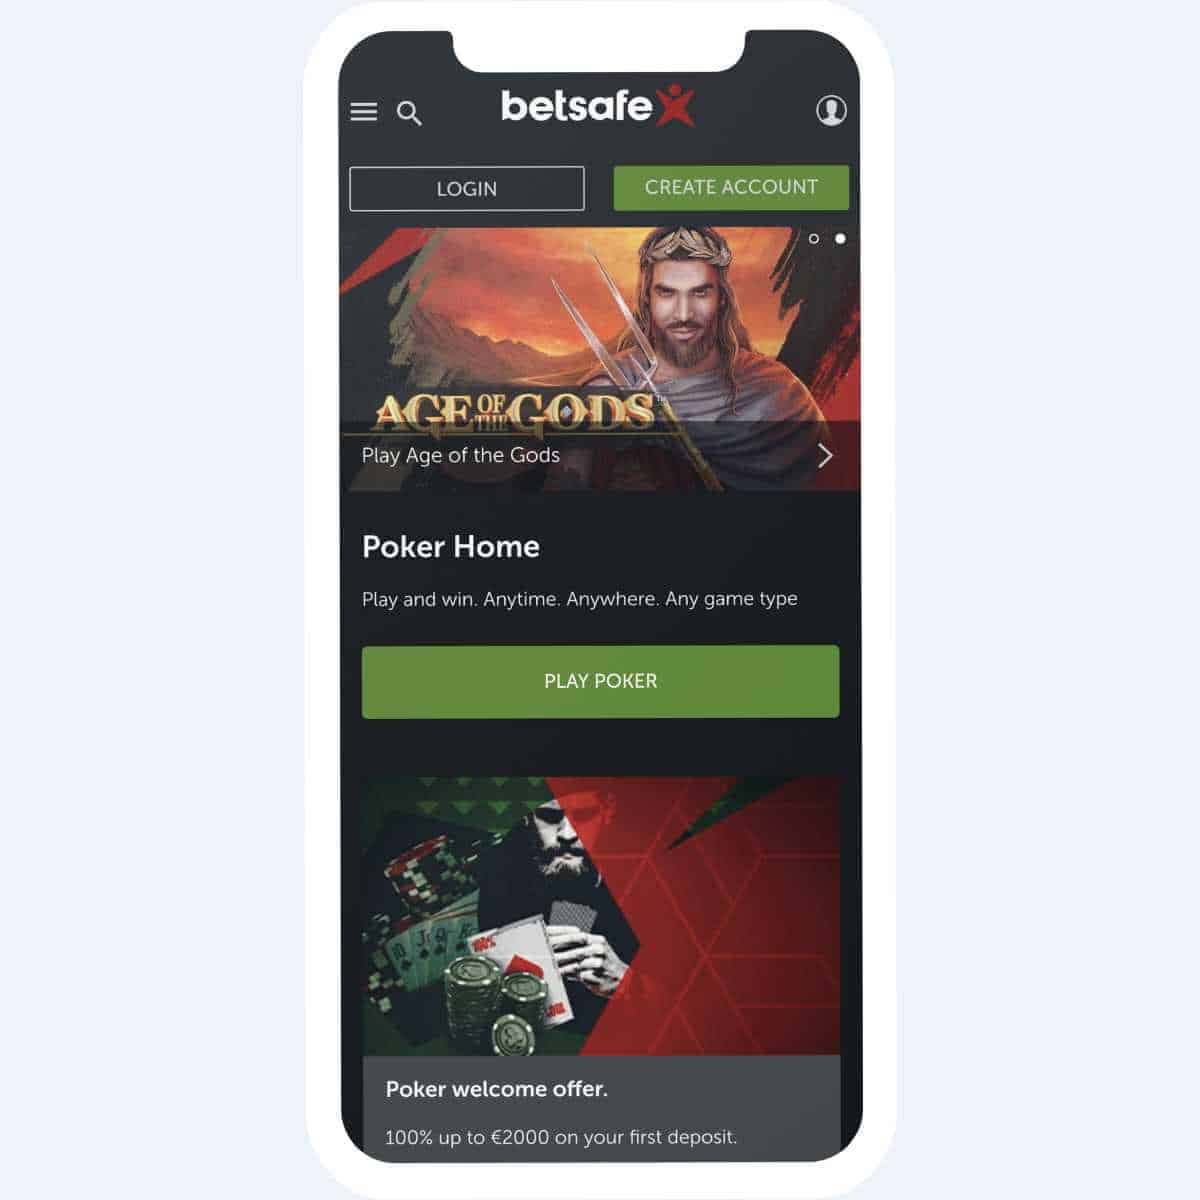 betsafe poker mobile